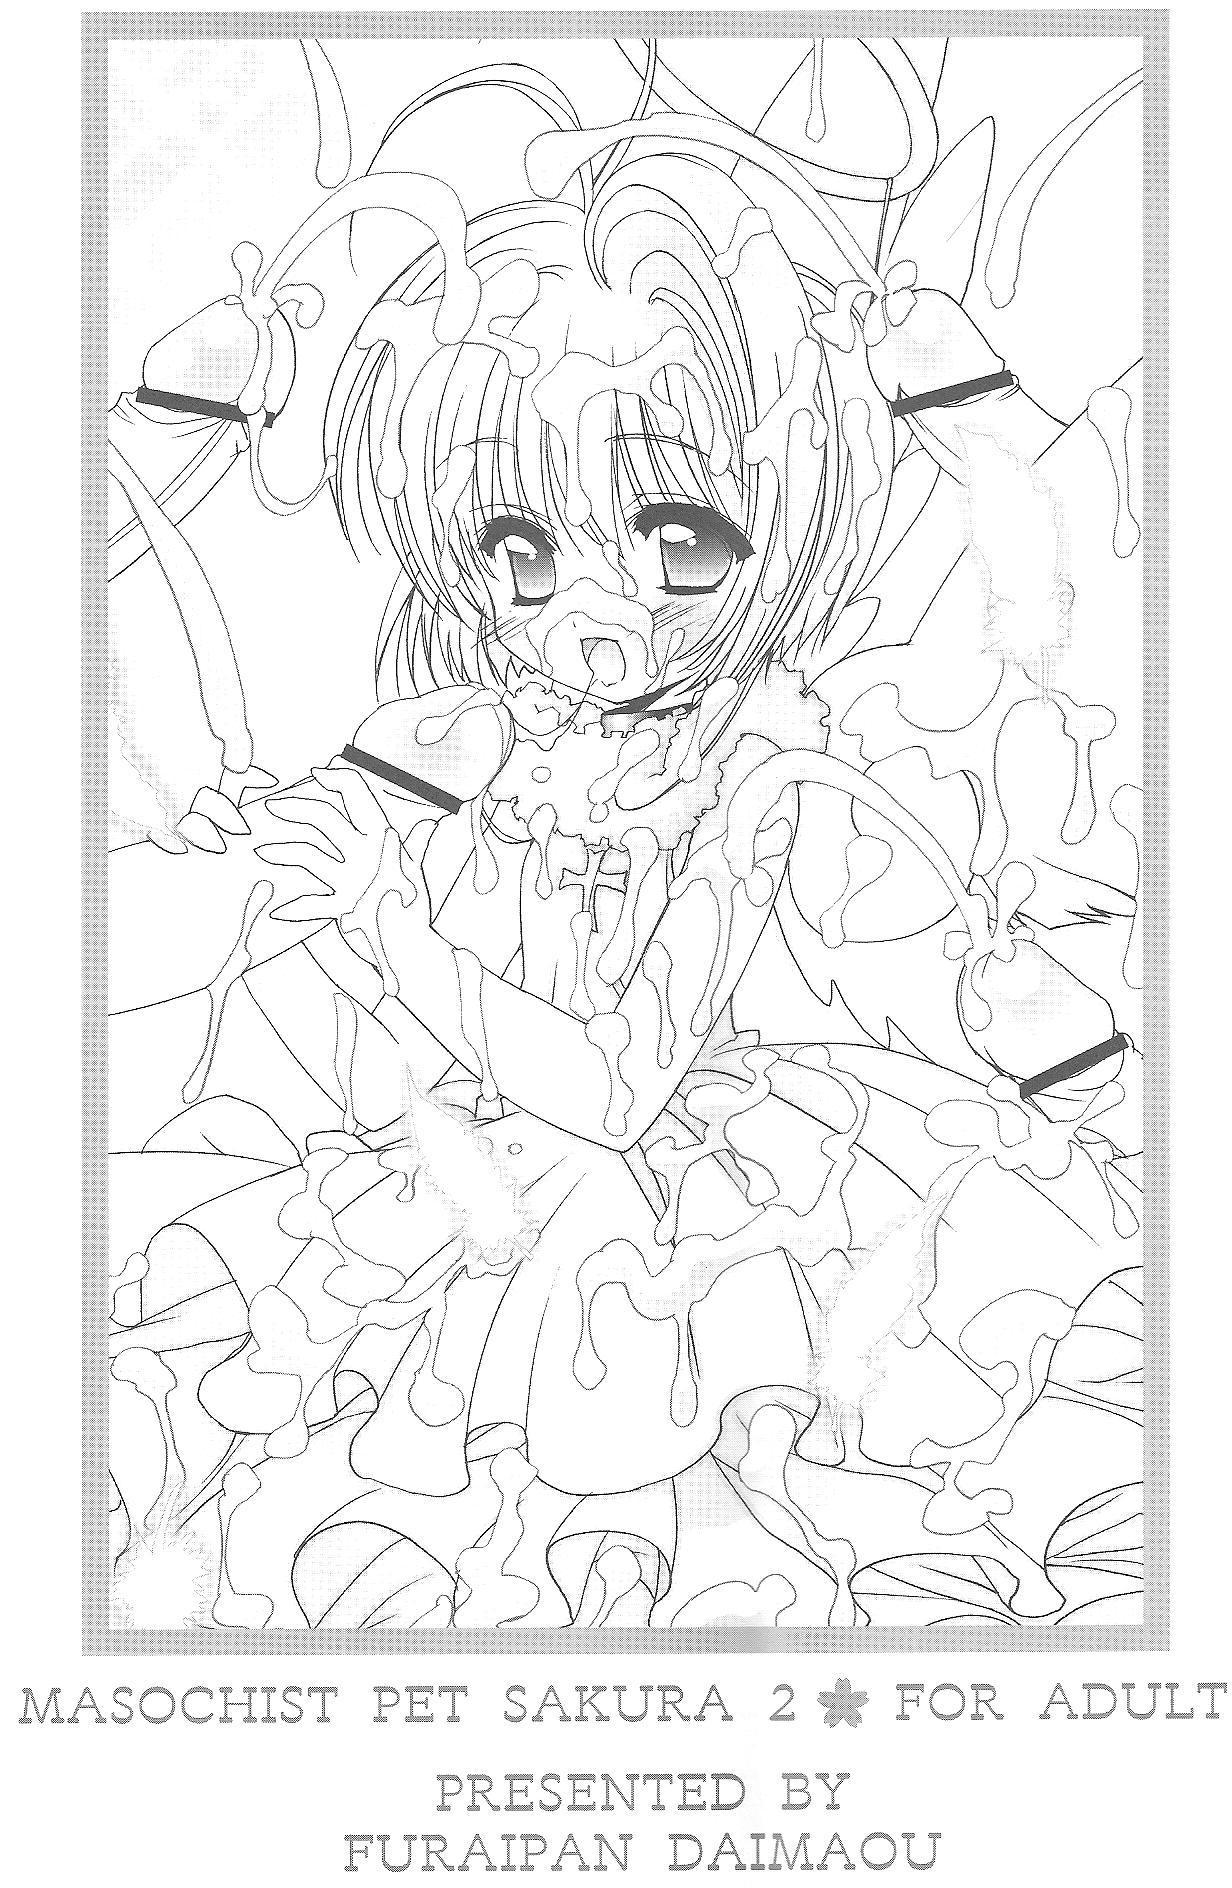 Masochist Pet Sakura 2 1